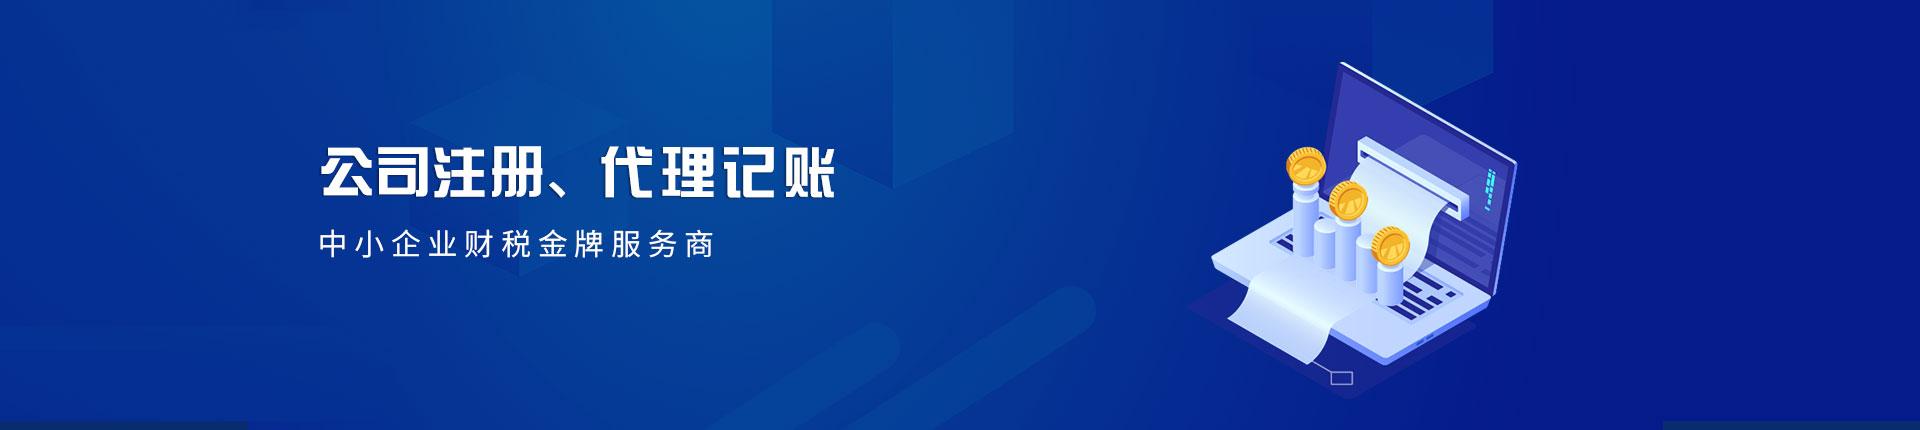 http://www.ht-cw.cn/data/upload/202007/20200704095432_402.jpg